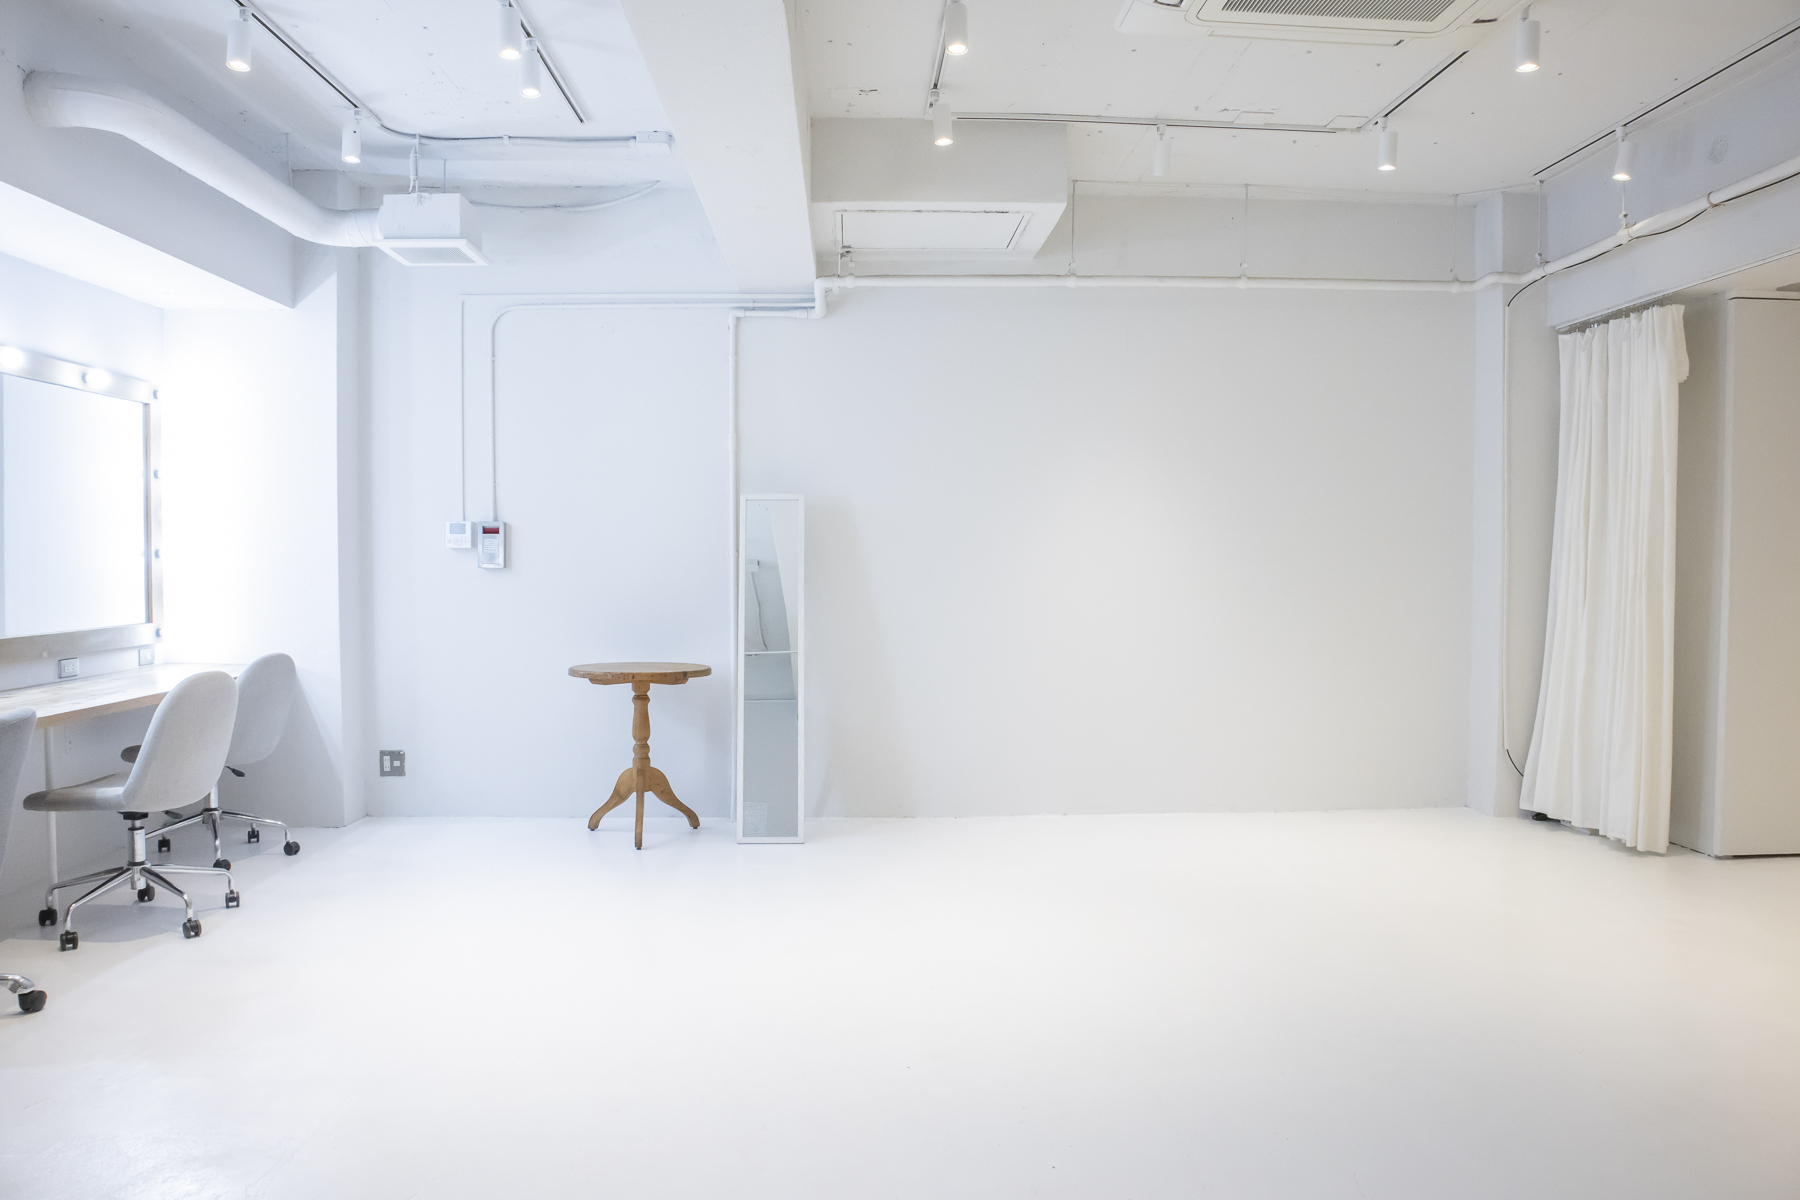 STUDIO SAND 2F (スタジオサンド2F)引き幅最大約9.2m